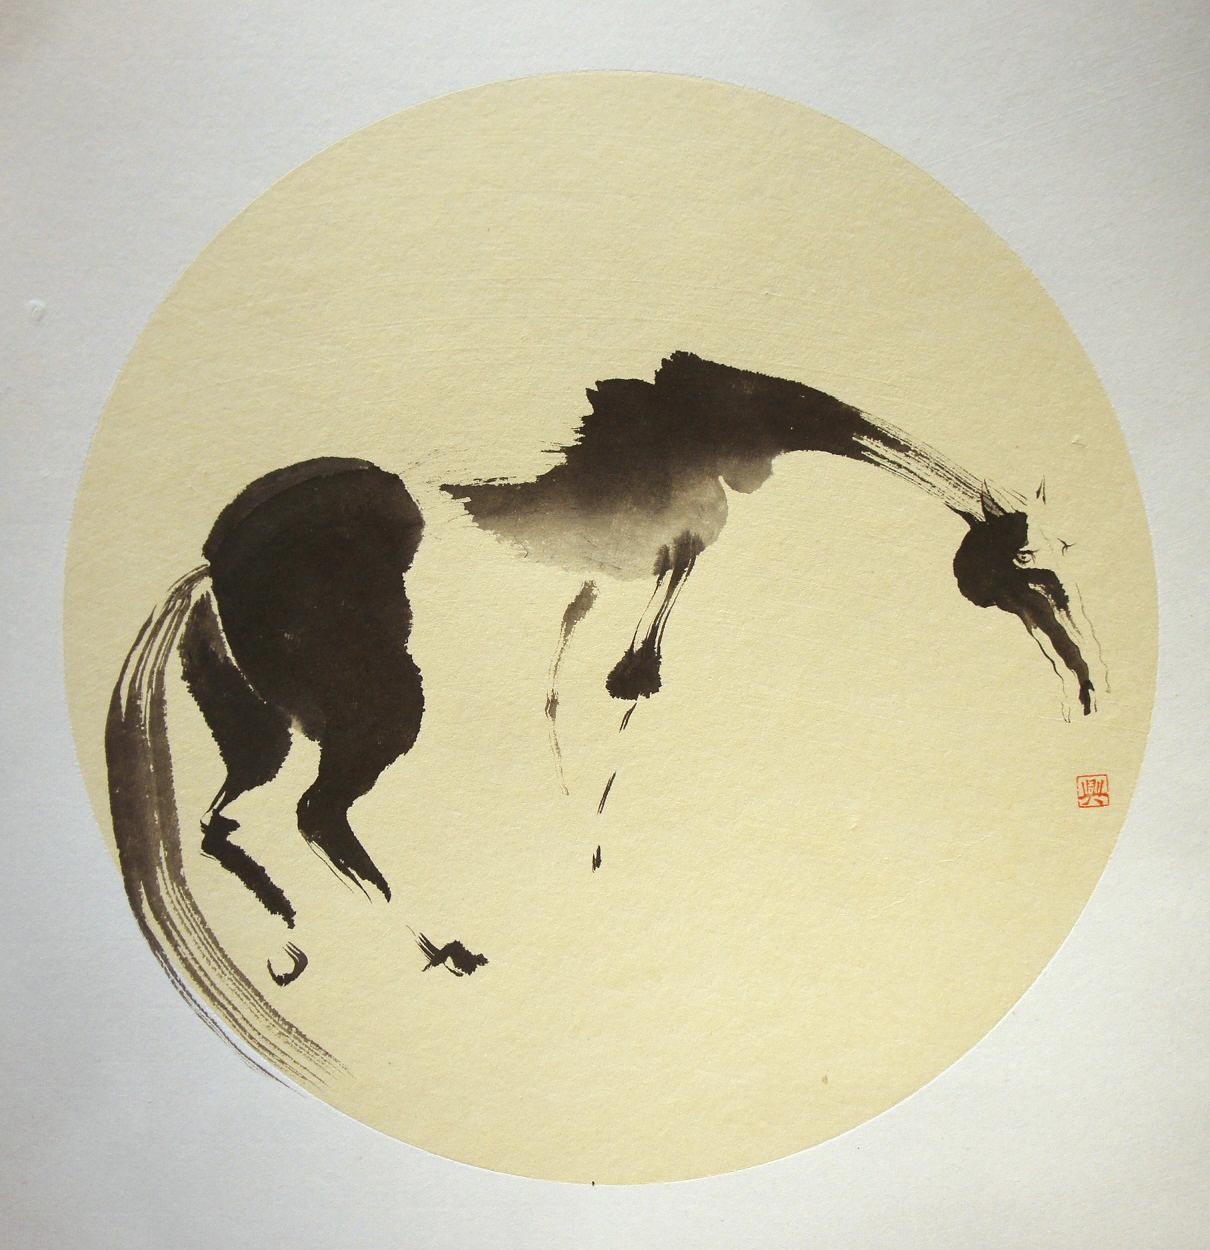 马回头(纸本水墨)    牵良图(纸本设色)    骏骨图(纸本水墨)    铁丝网与马(纸本设色)    醉卧图(纸本设色)    穿越时空(纸本水墨)    马头(纸本设色)   我不是画马的人,我是一个用笔墨、用心养马的人。   小时候,在呼伦贝尔,画的第一幅画就是马群,参加了黑龙江省的少年美术作品展。后来到北京,一直坚持画画到18岁,马开始逐渐消失在我的笔下,我成了一个用汉语码字的人。清代移居北京的蒙古女诗人那逊兰保有一句诗:无梦到鞍马,有意工文章。这应该就是我的写照。   过了知